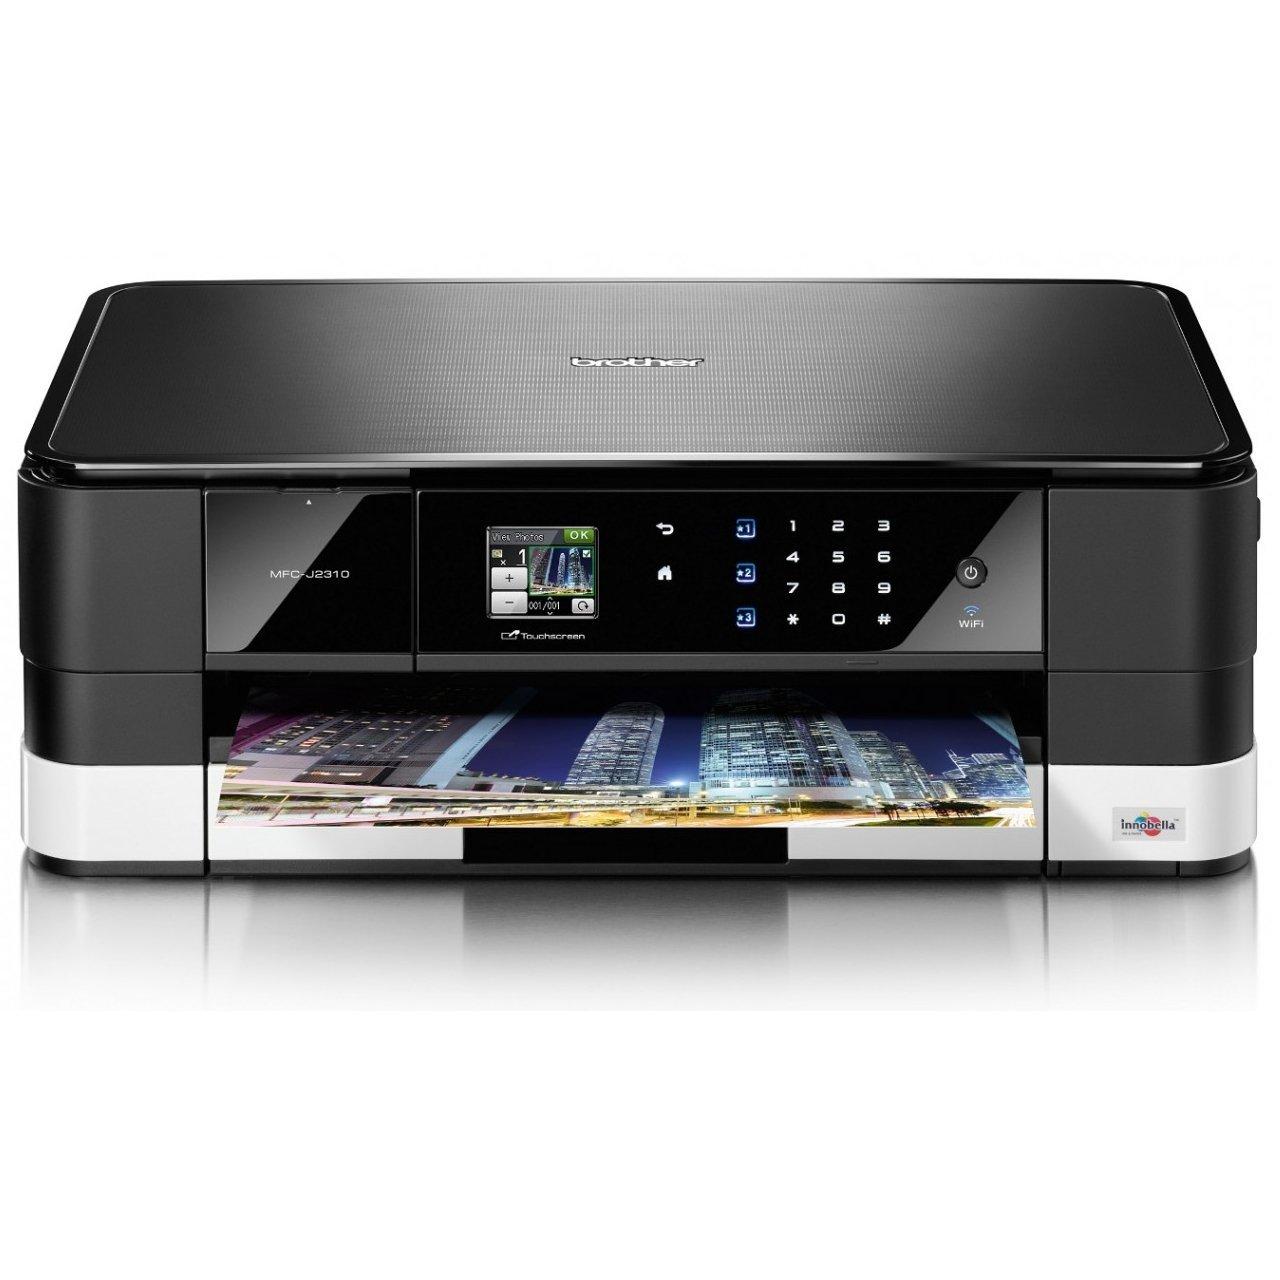 *╯新風尚潮流╭*Brother MFC-J2310 InkBenefit 多功能A3+傳真複合機 獨特橫向列印技術 MFC-J2310